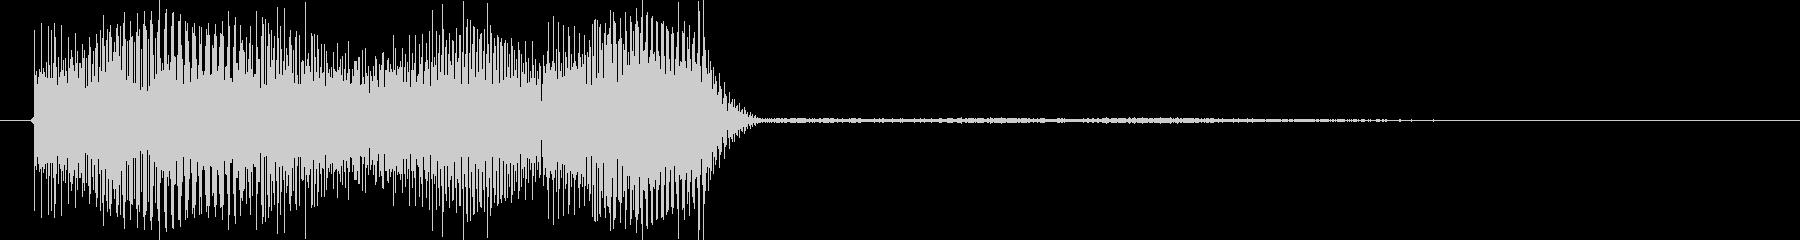 テロリラン_未来(スロットでの確定音)の未再生の波形